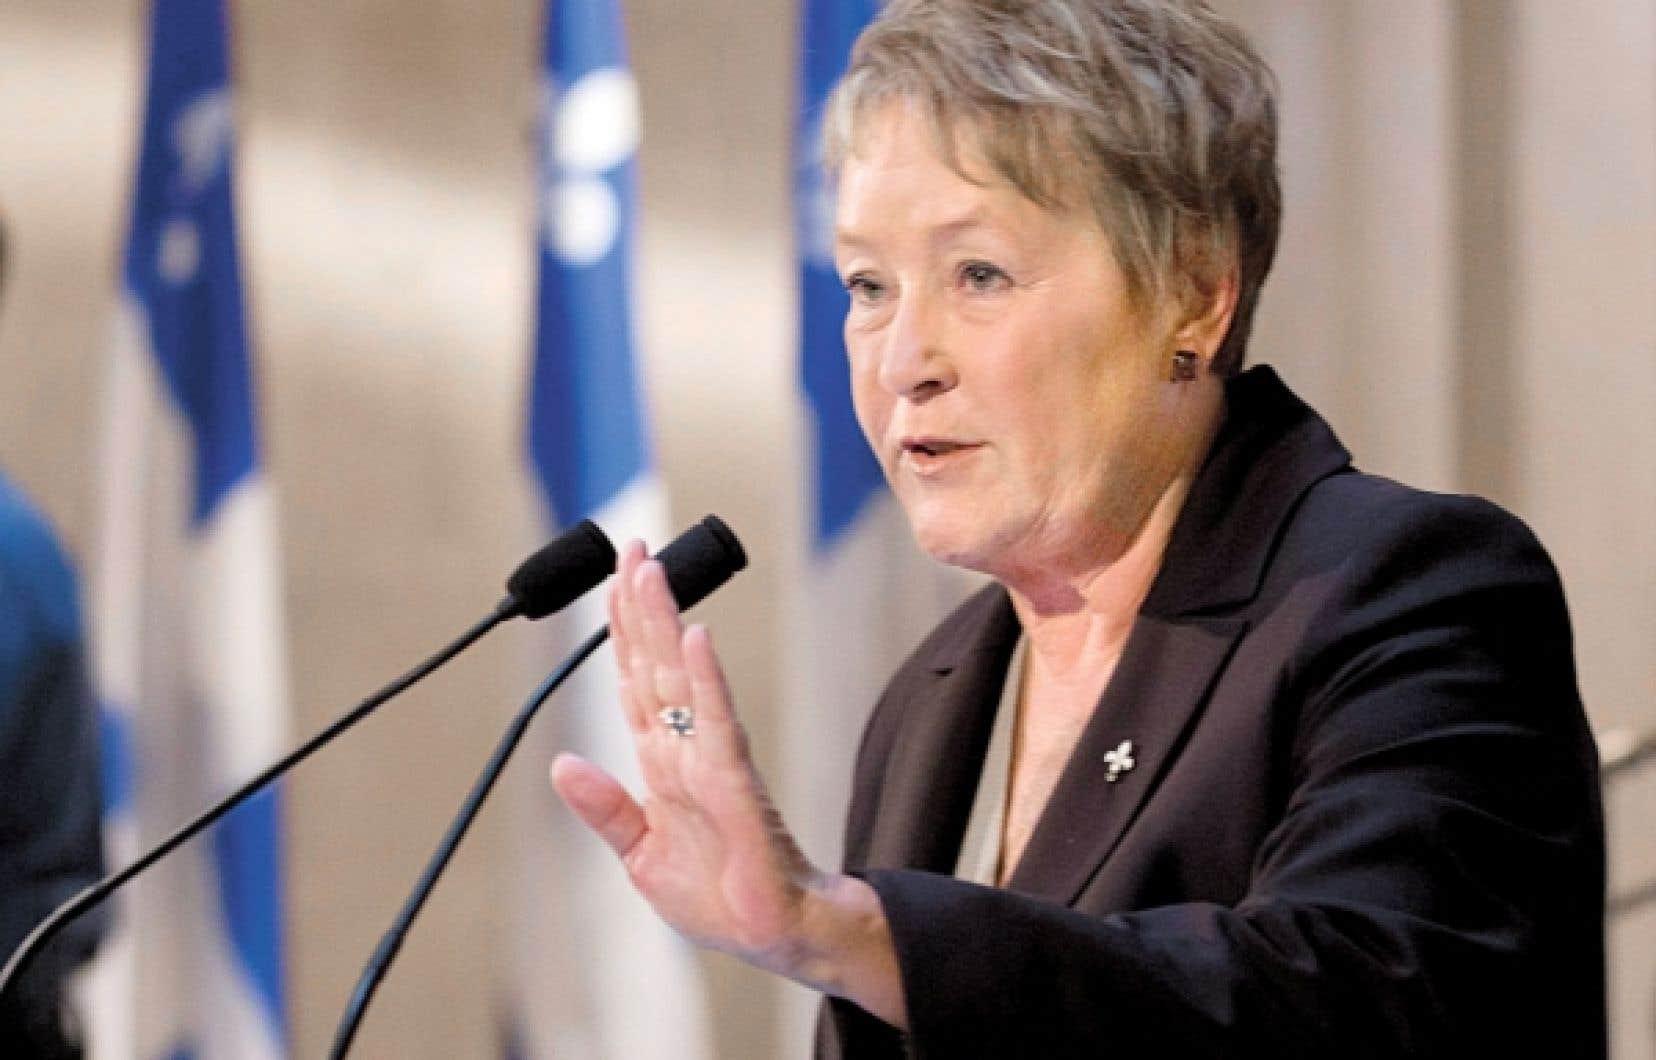 <div> Pauline Marois a indiqu&eacute; que le d&eacute;passement des d&eacute;penses laiss&eacute; par le gouvernement Charest &eacute;tait sup&eacute;rieur &agrave; la somme de 800 millions r&eacute;v&eacute;l&eacute;e par Raymond Bachand.</div>